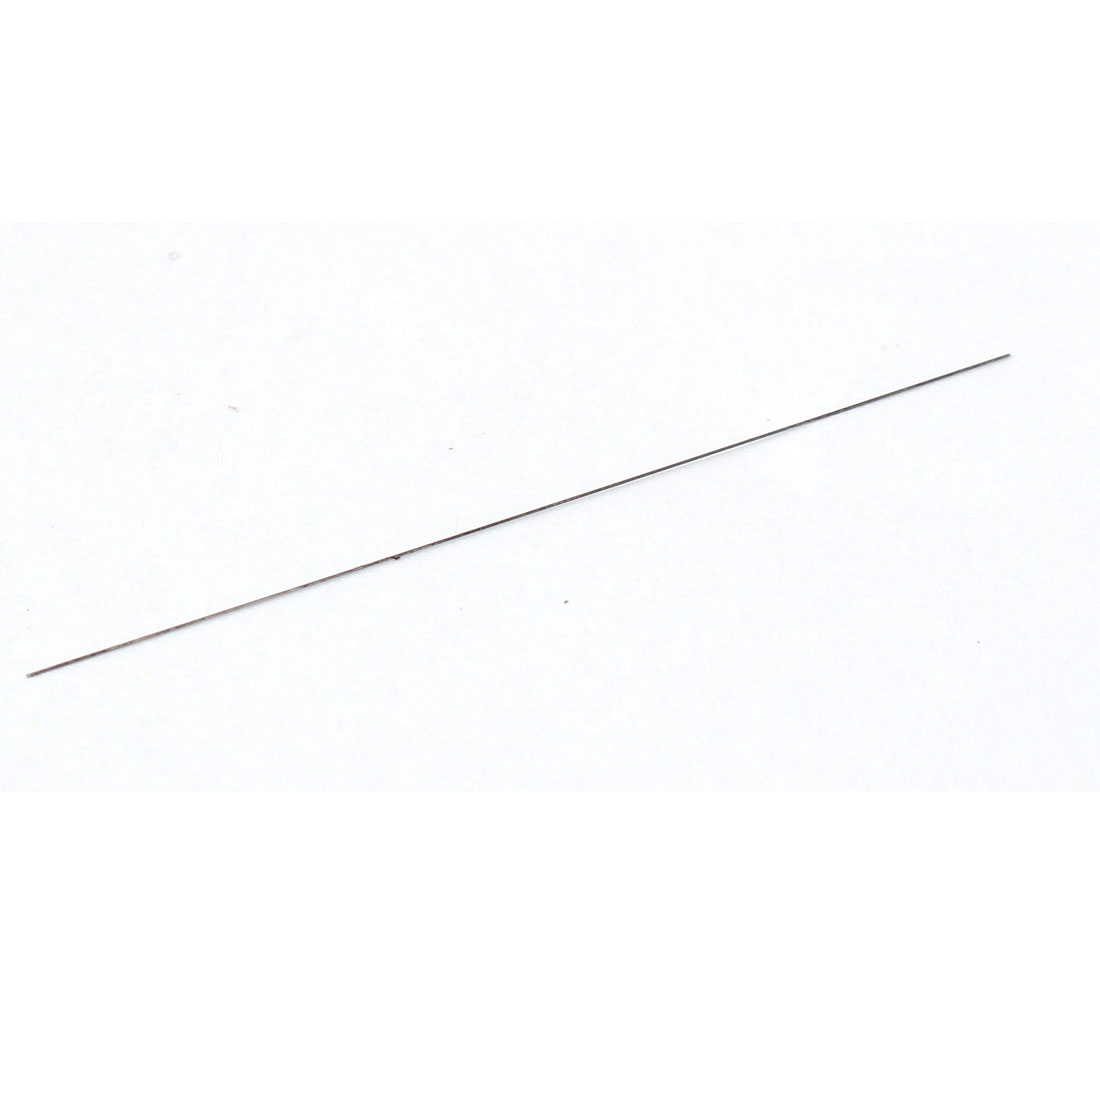 0.14mm Dia +/-0.001mm Tolerance Tungsten Carbide Cylinder Pin Gage Gauge